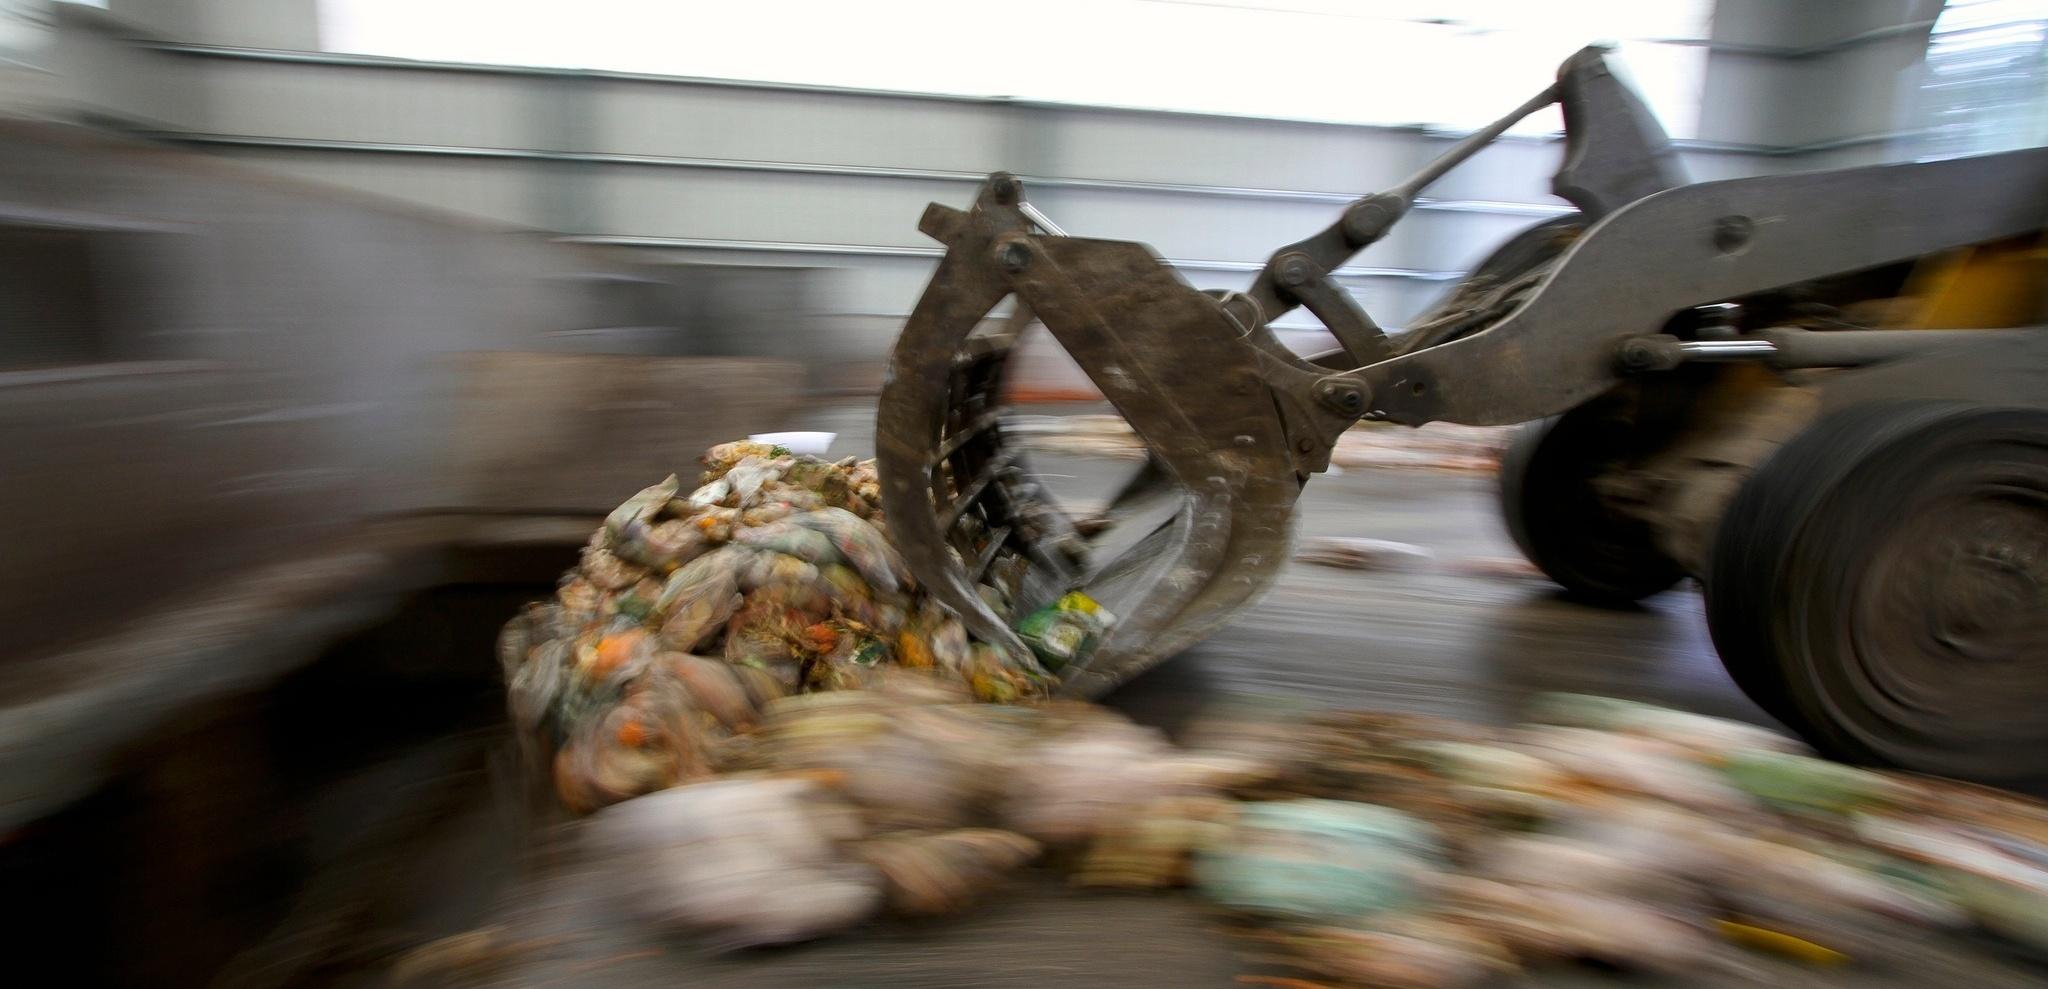 waste-energy-418204-edited